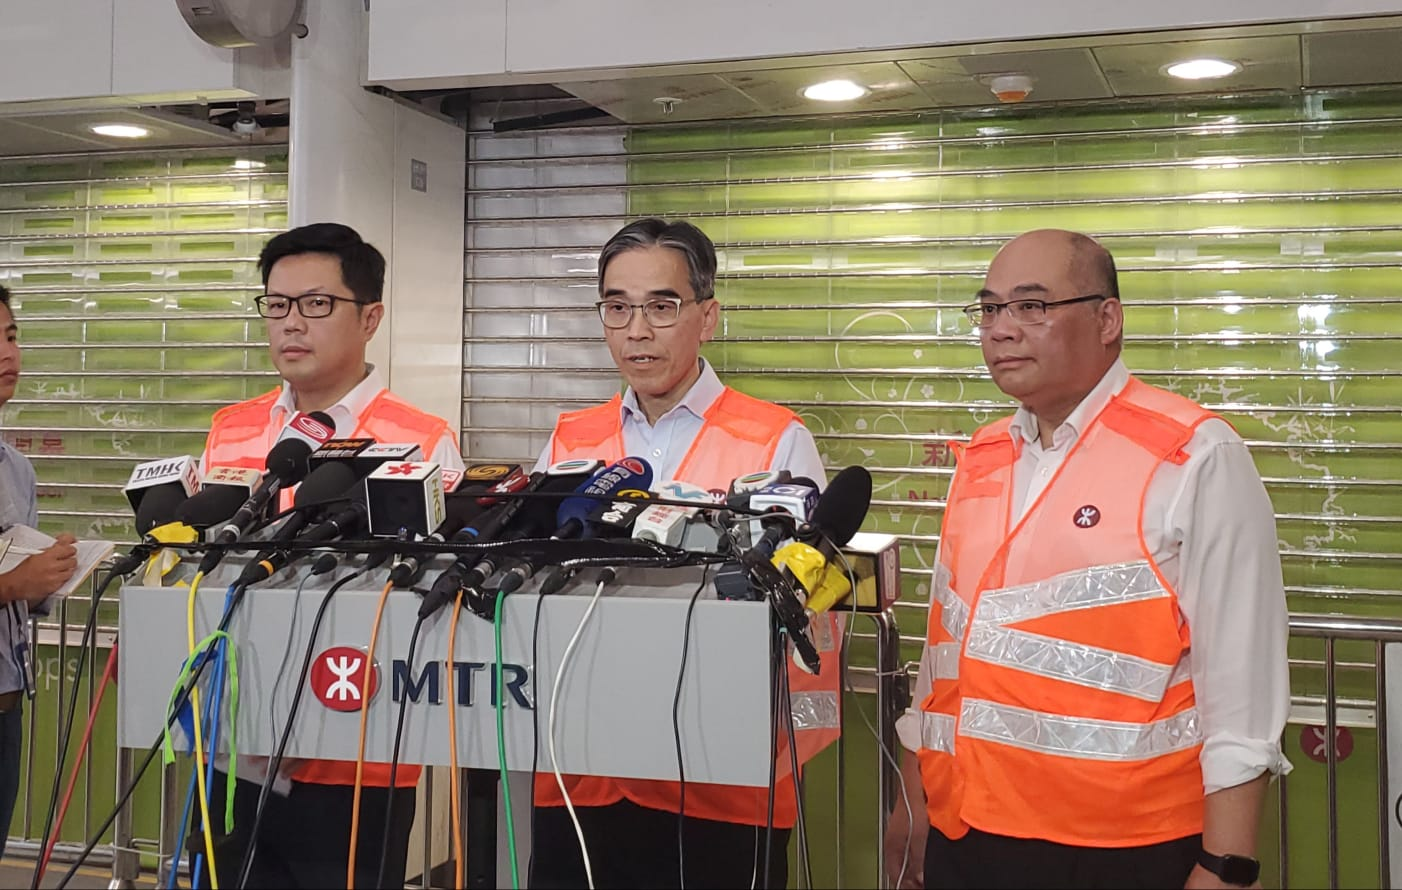 劉天成稱出軌的原因很多,或因有外物、路軌本身有裂痕缺損及列車設施出問題,但現時仍未知事故原因。